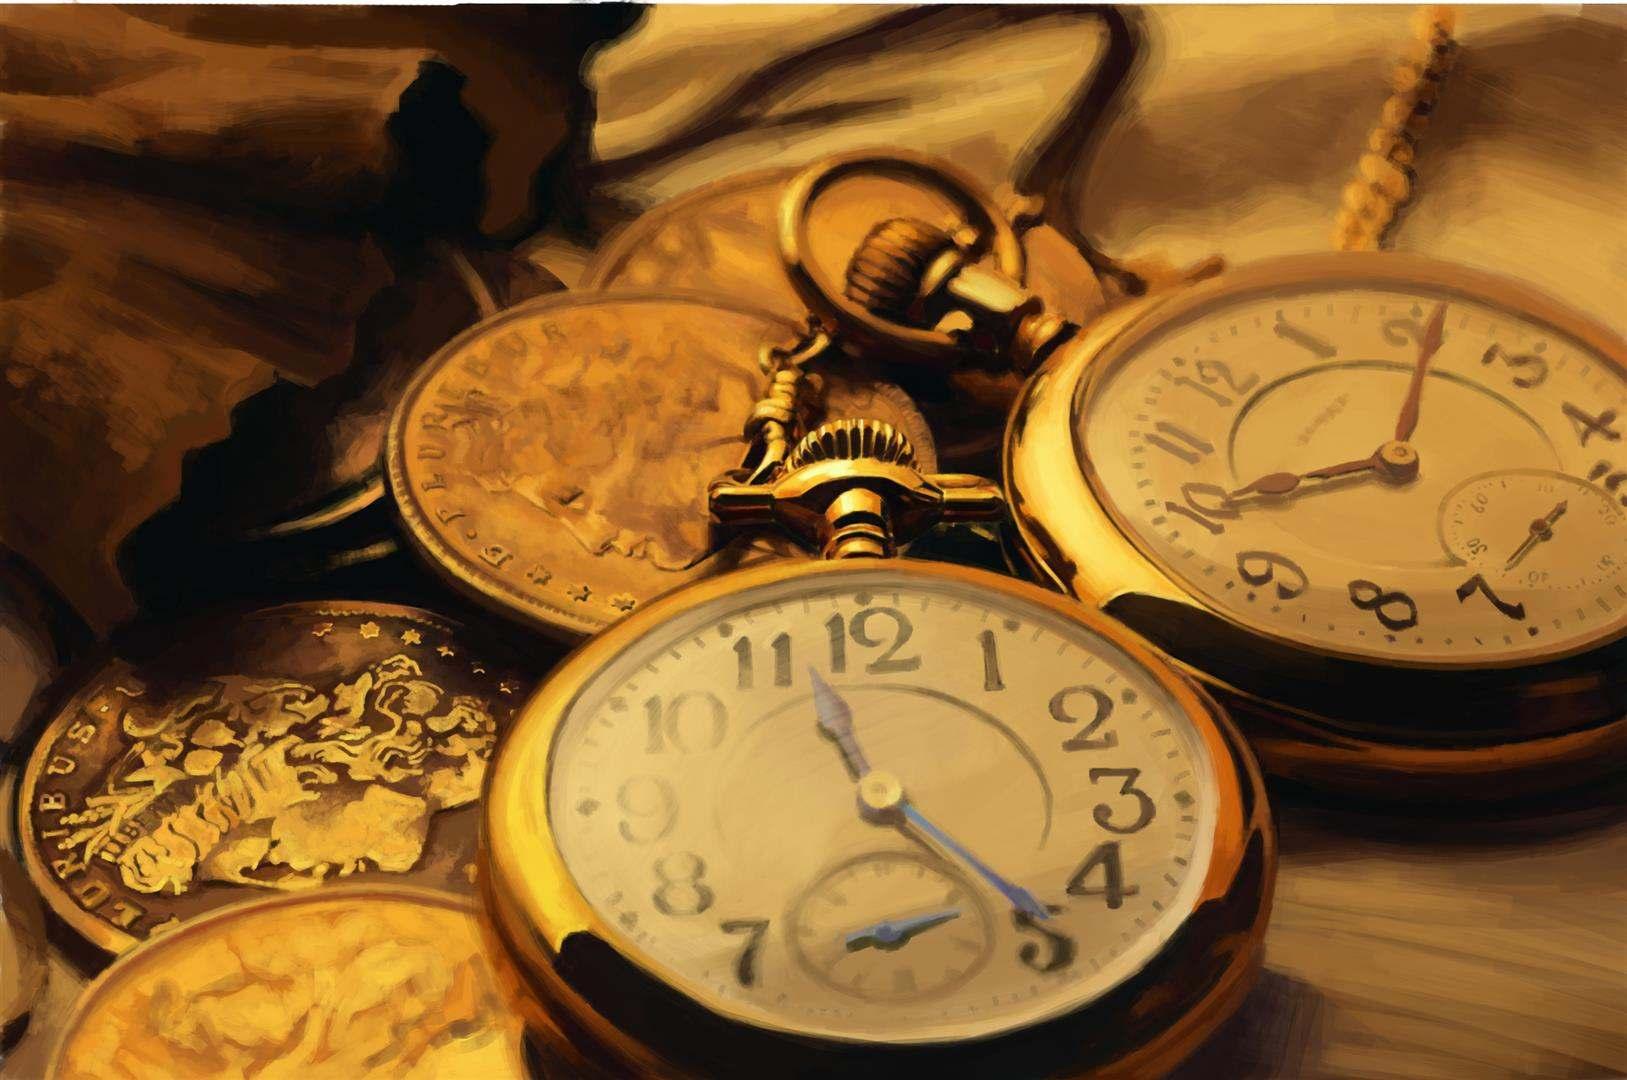 Tarihteki İlginç Olaylar Serisi - 1 tarihteki İlginç olaylar serisi